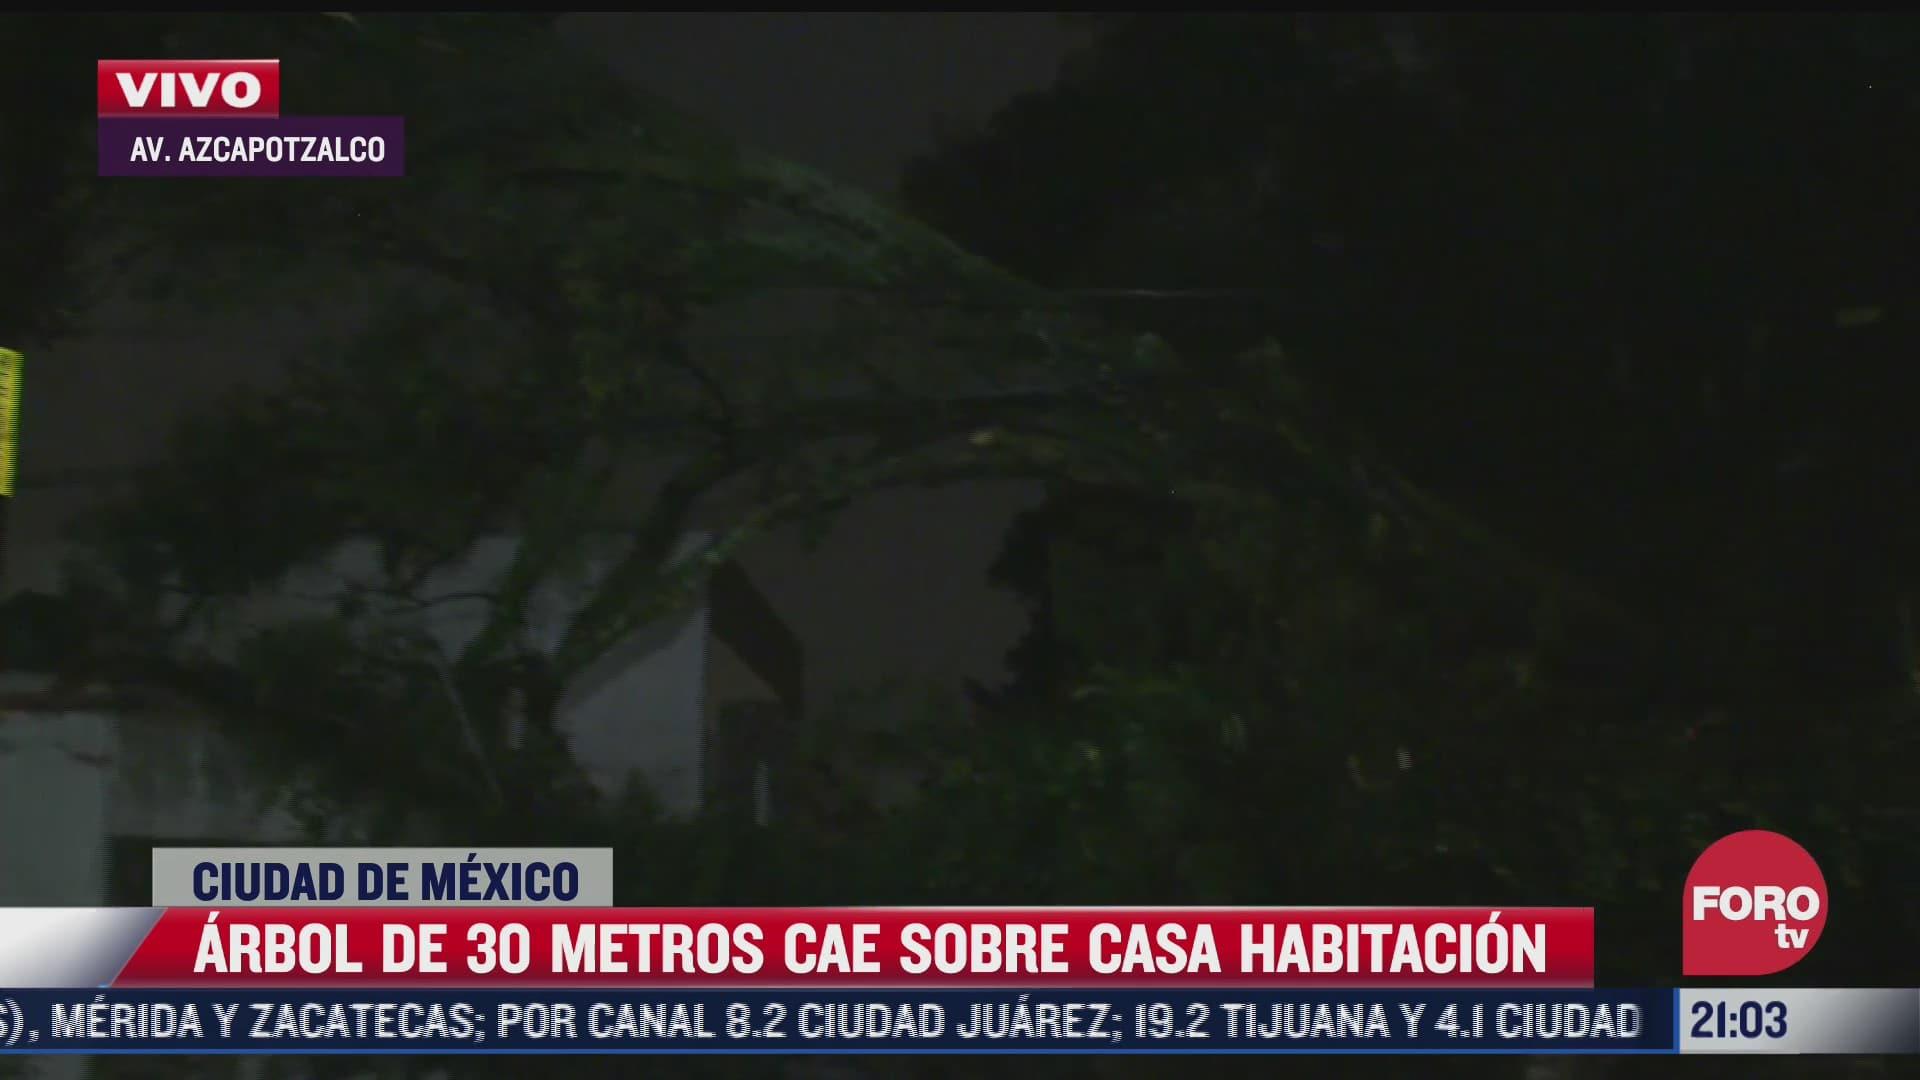 arbol de 30 metros cae sobre casa habitacion en av azcapotzalco